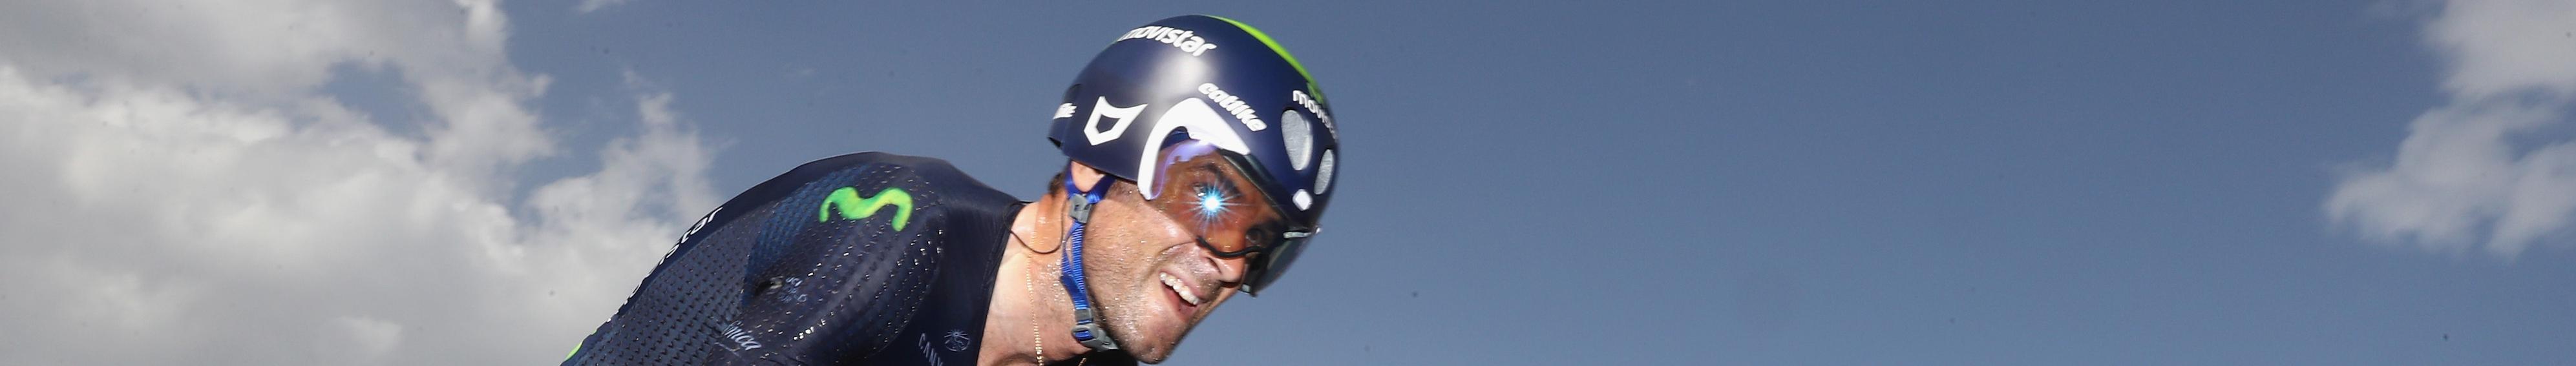 Vuelta 2019, tappa 6: l'occasione giusta per Valverde?